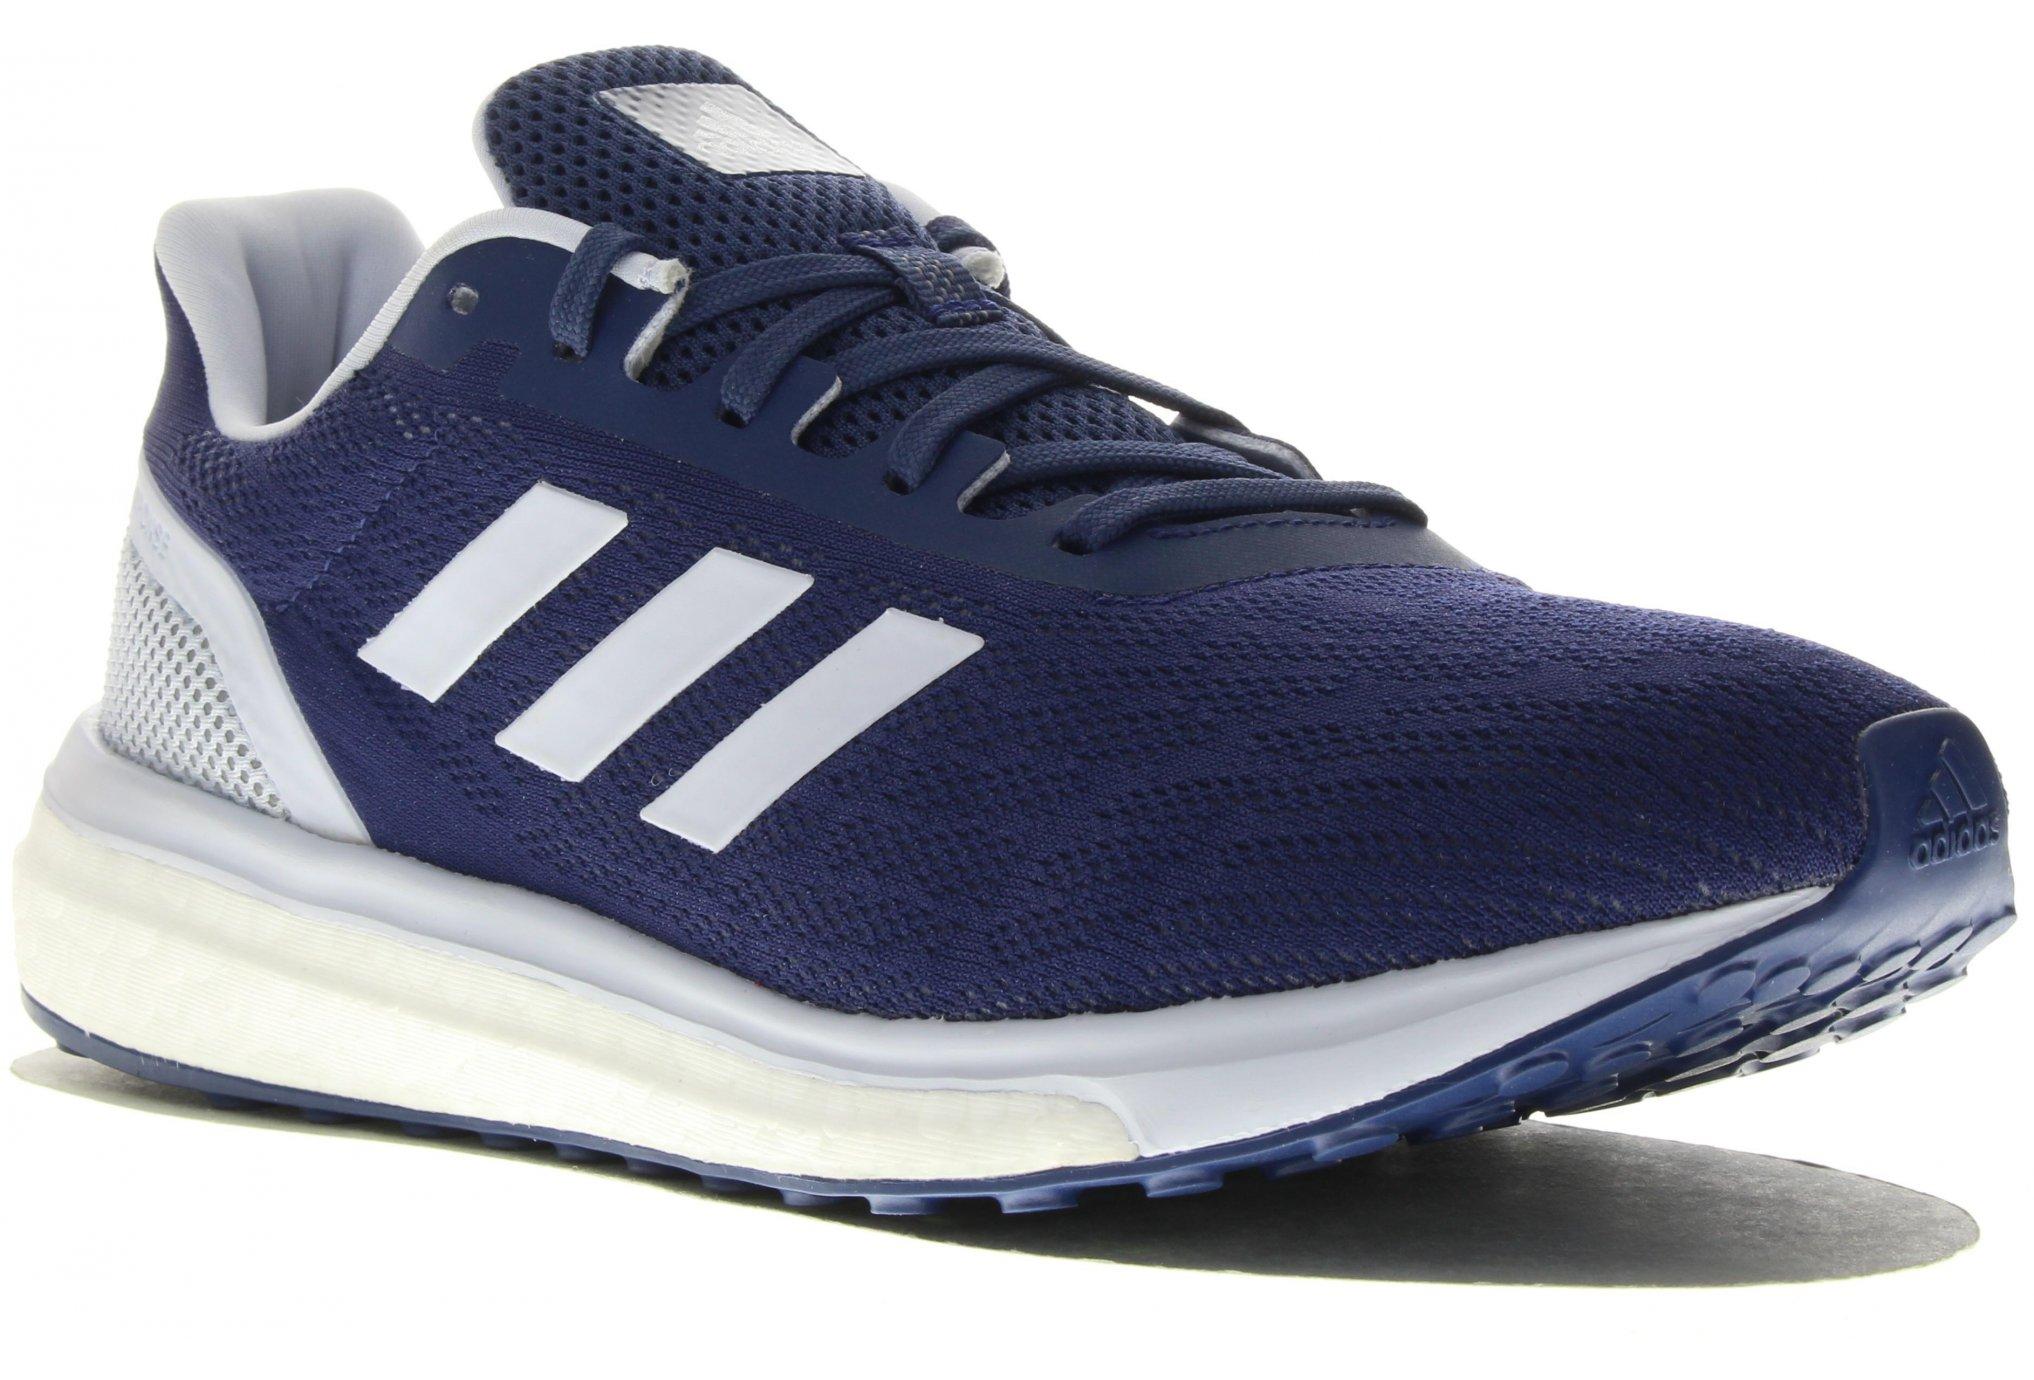 Adidas Response w diététique chaussures femme